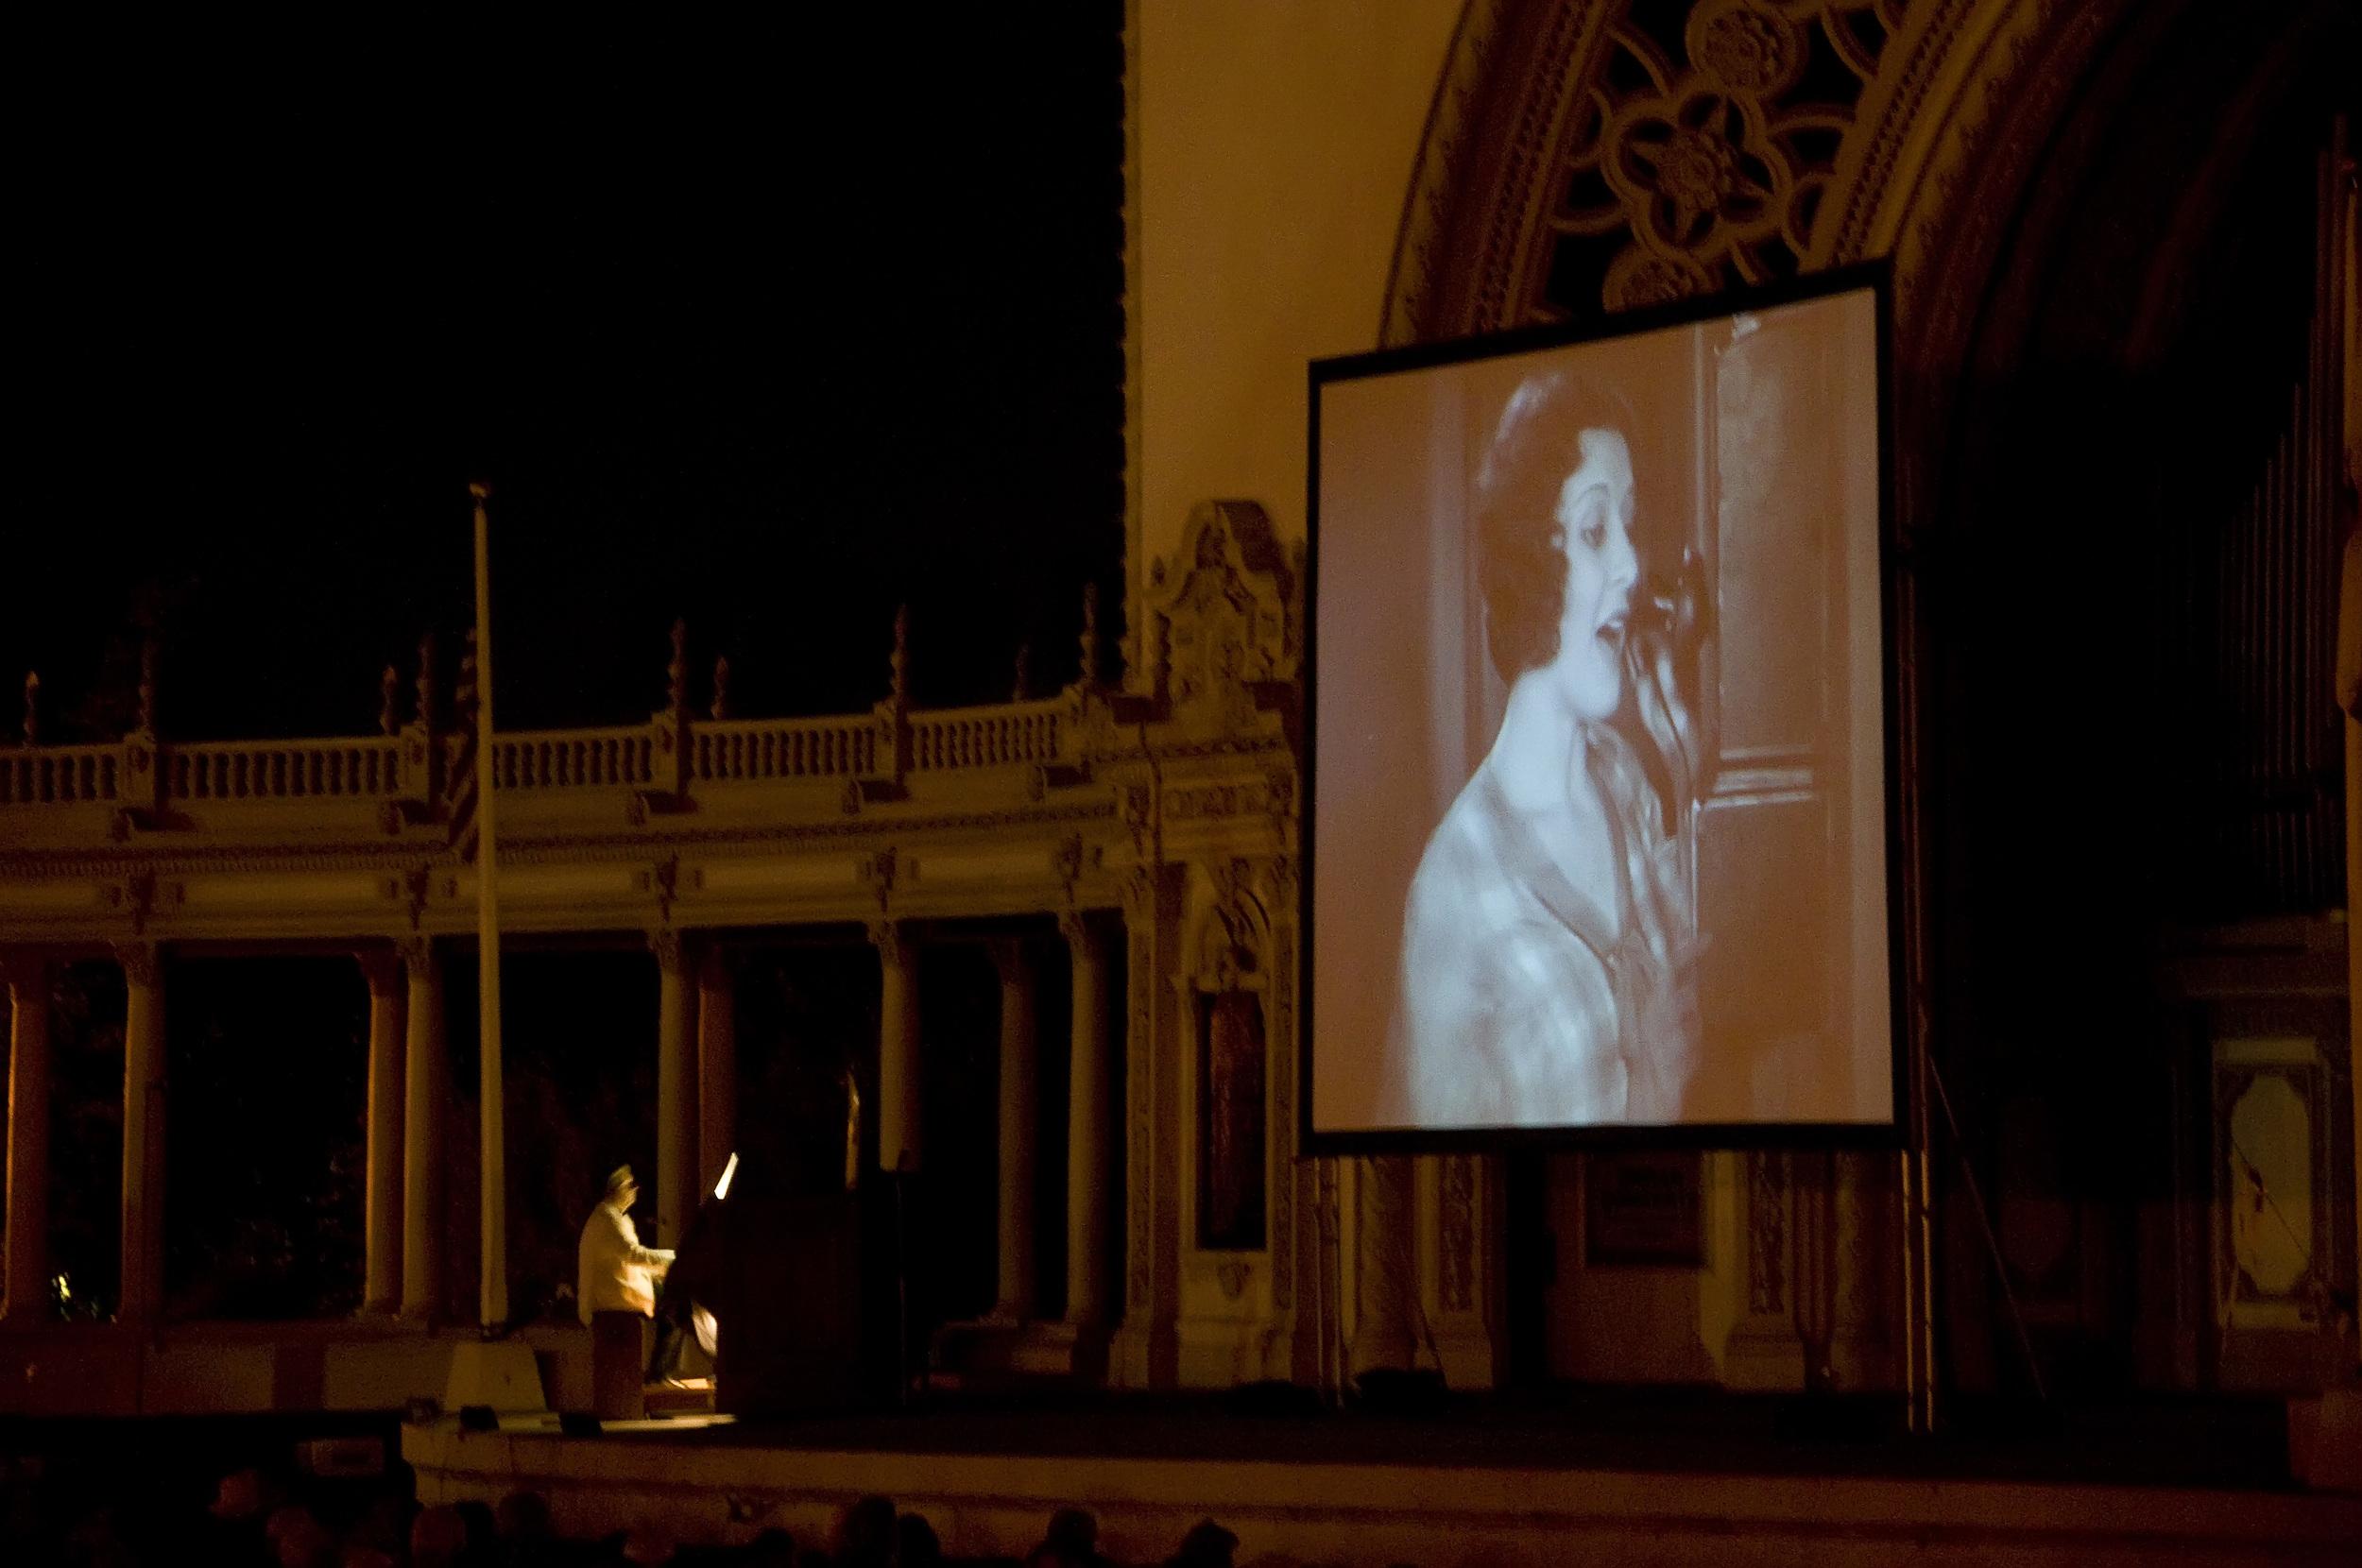 organ at Balboa Park San Diego